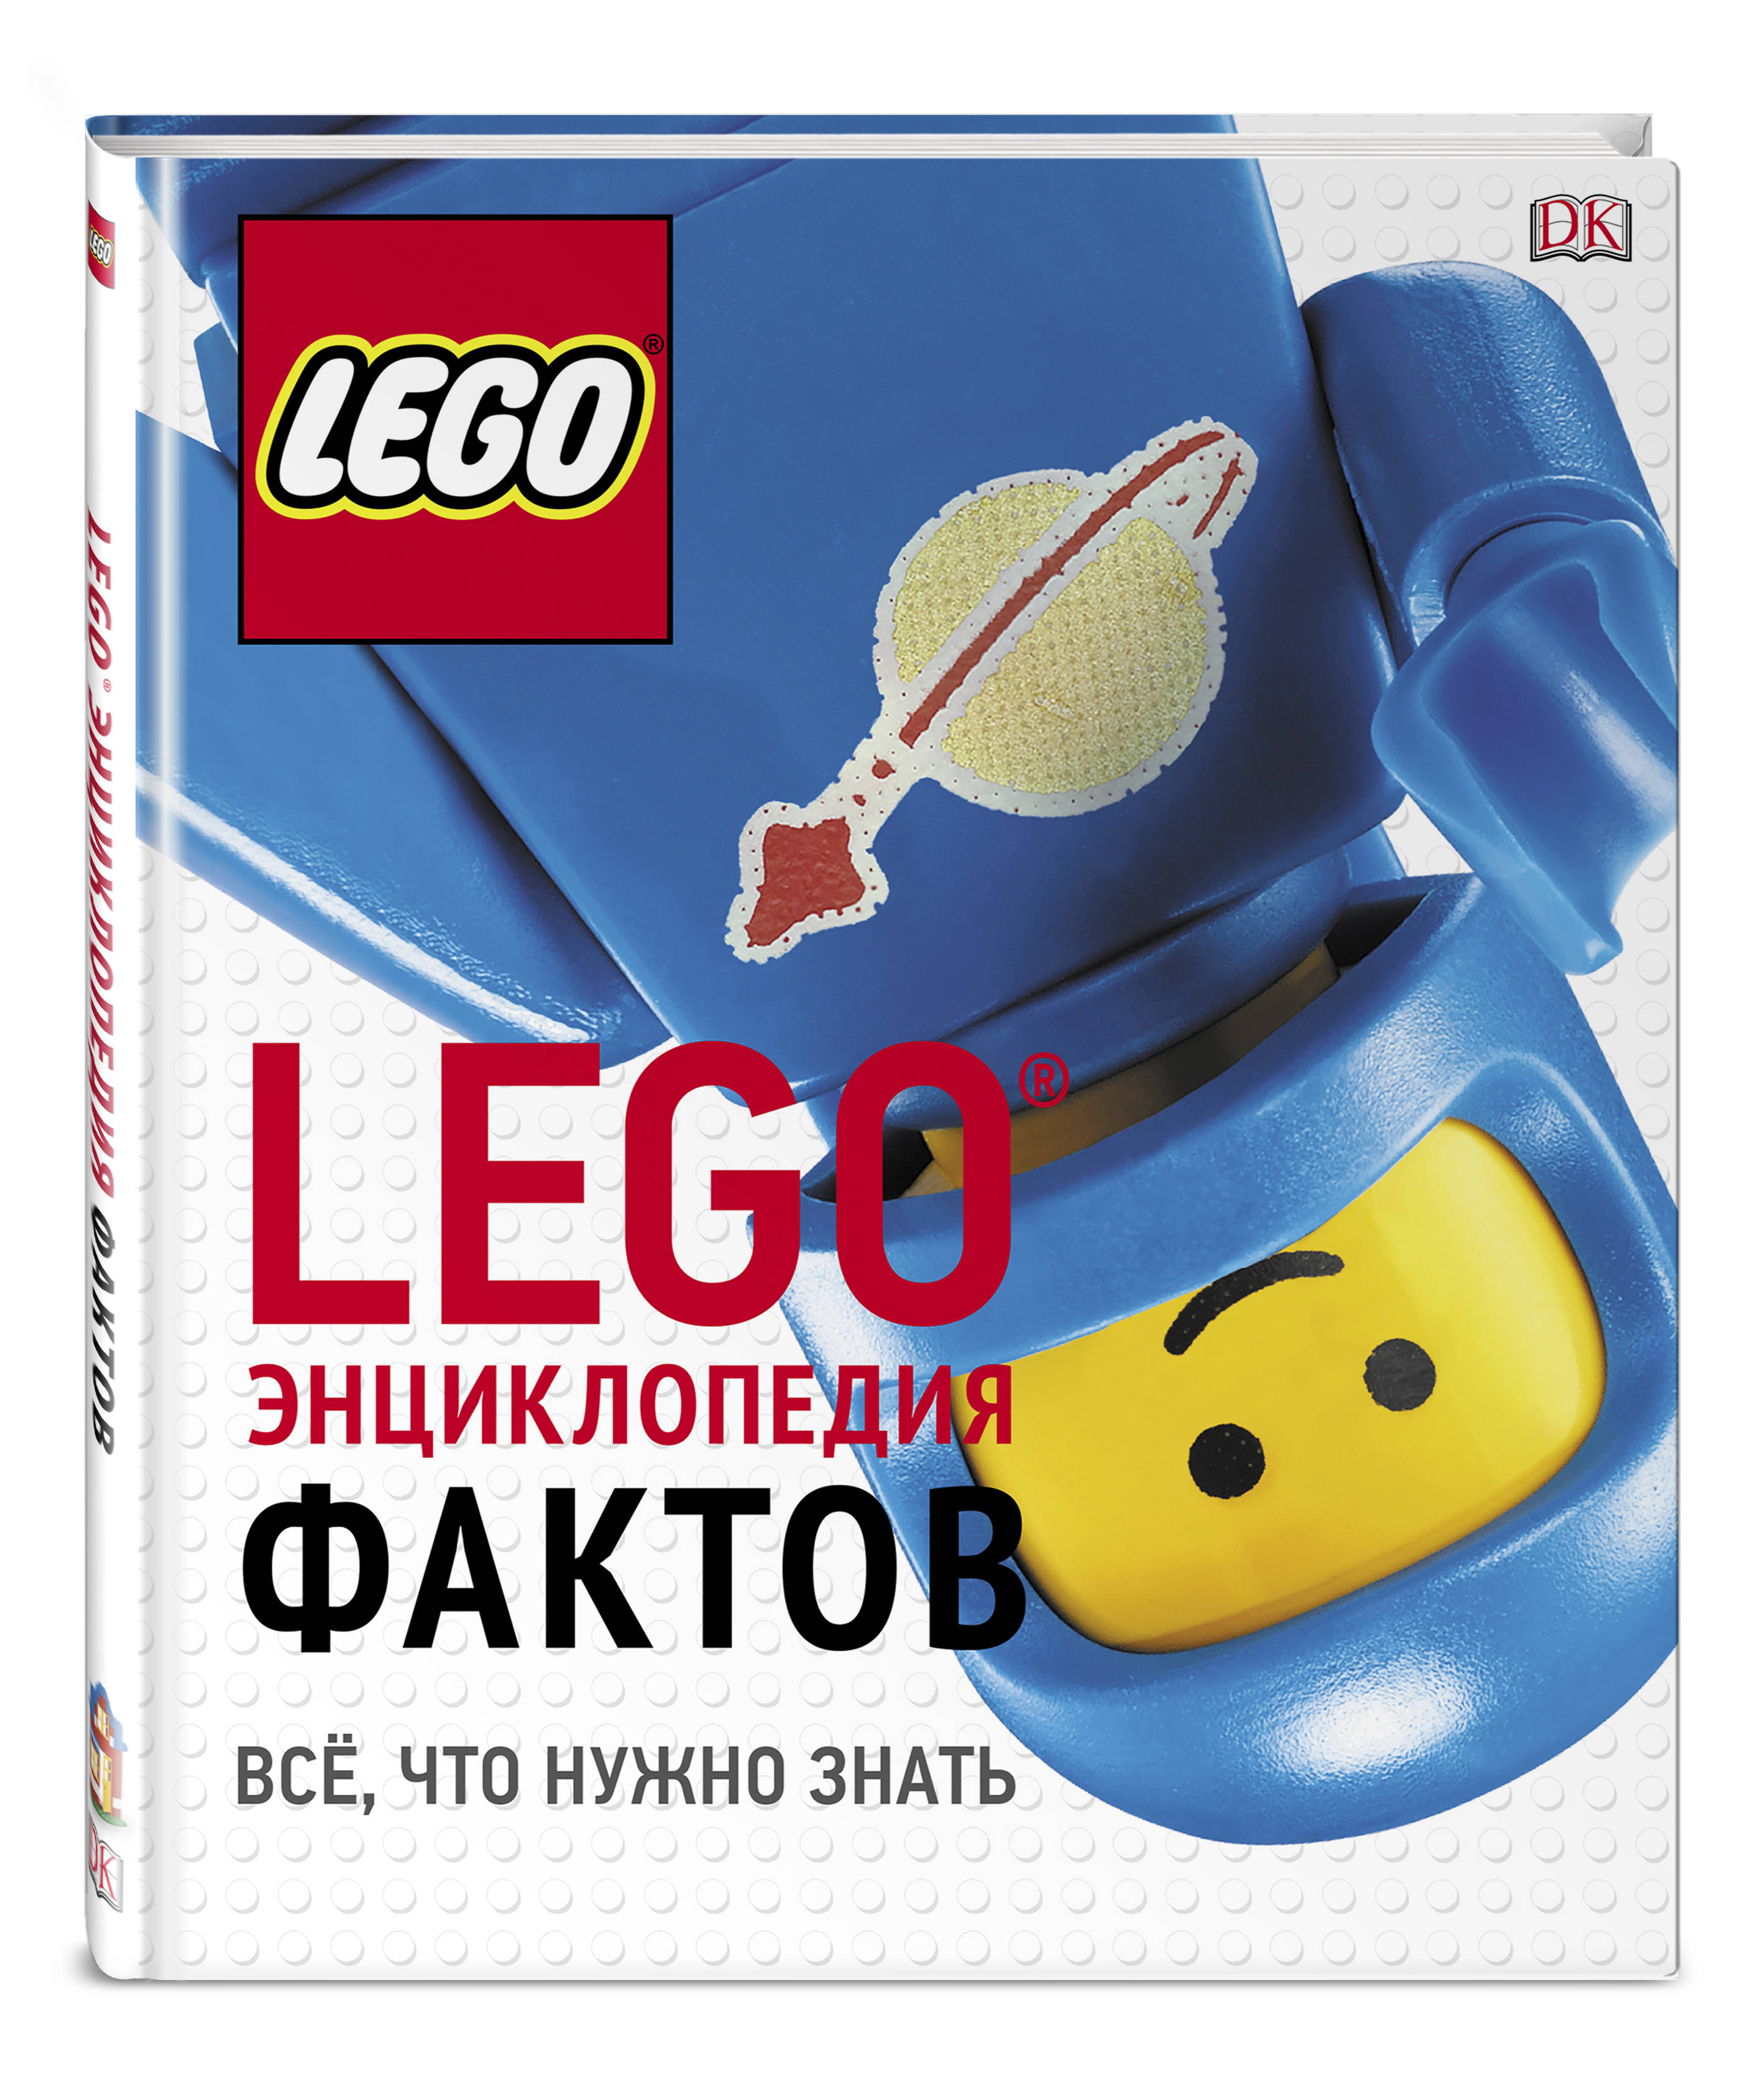 Купить со скидкой LEGO Энциклопедия фактов